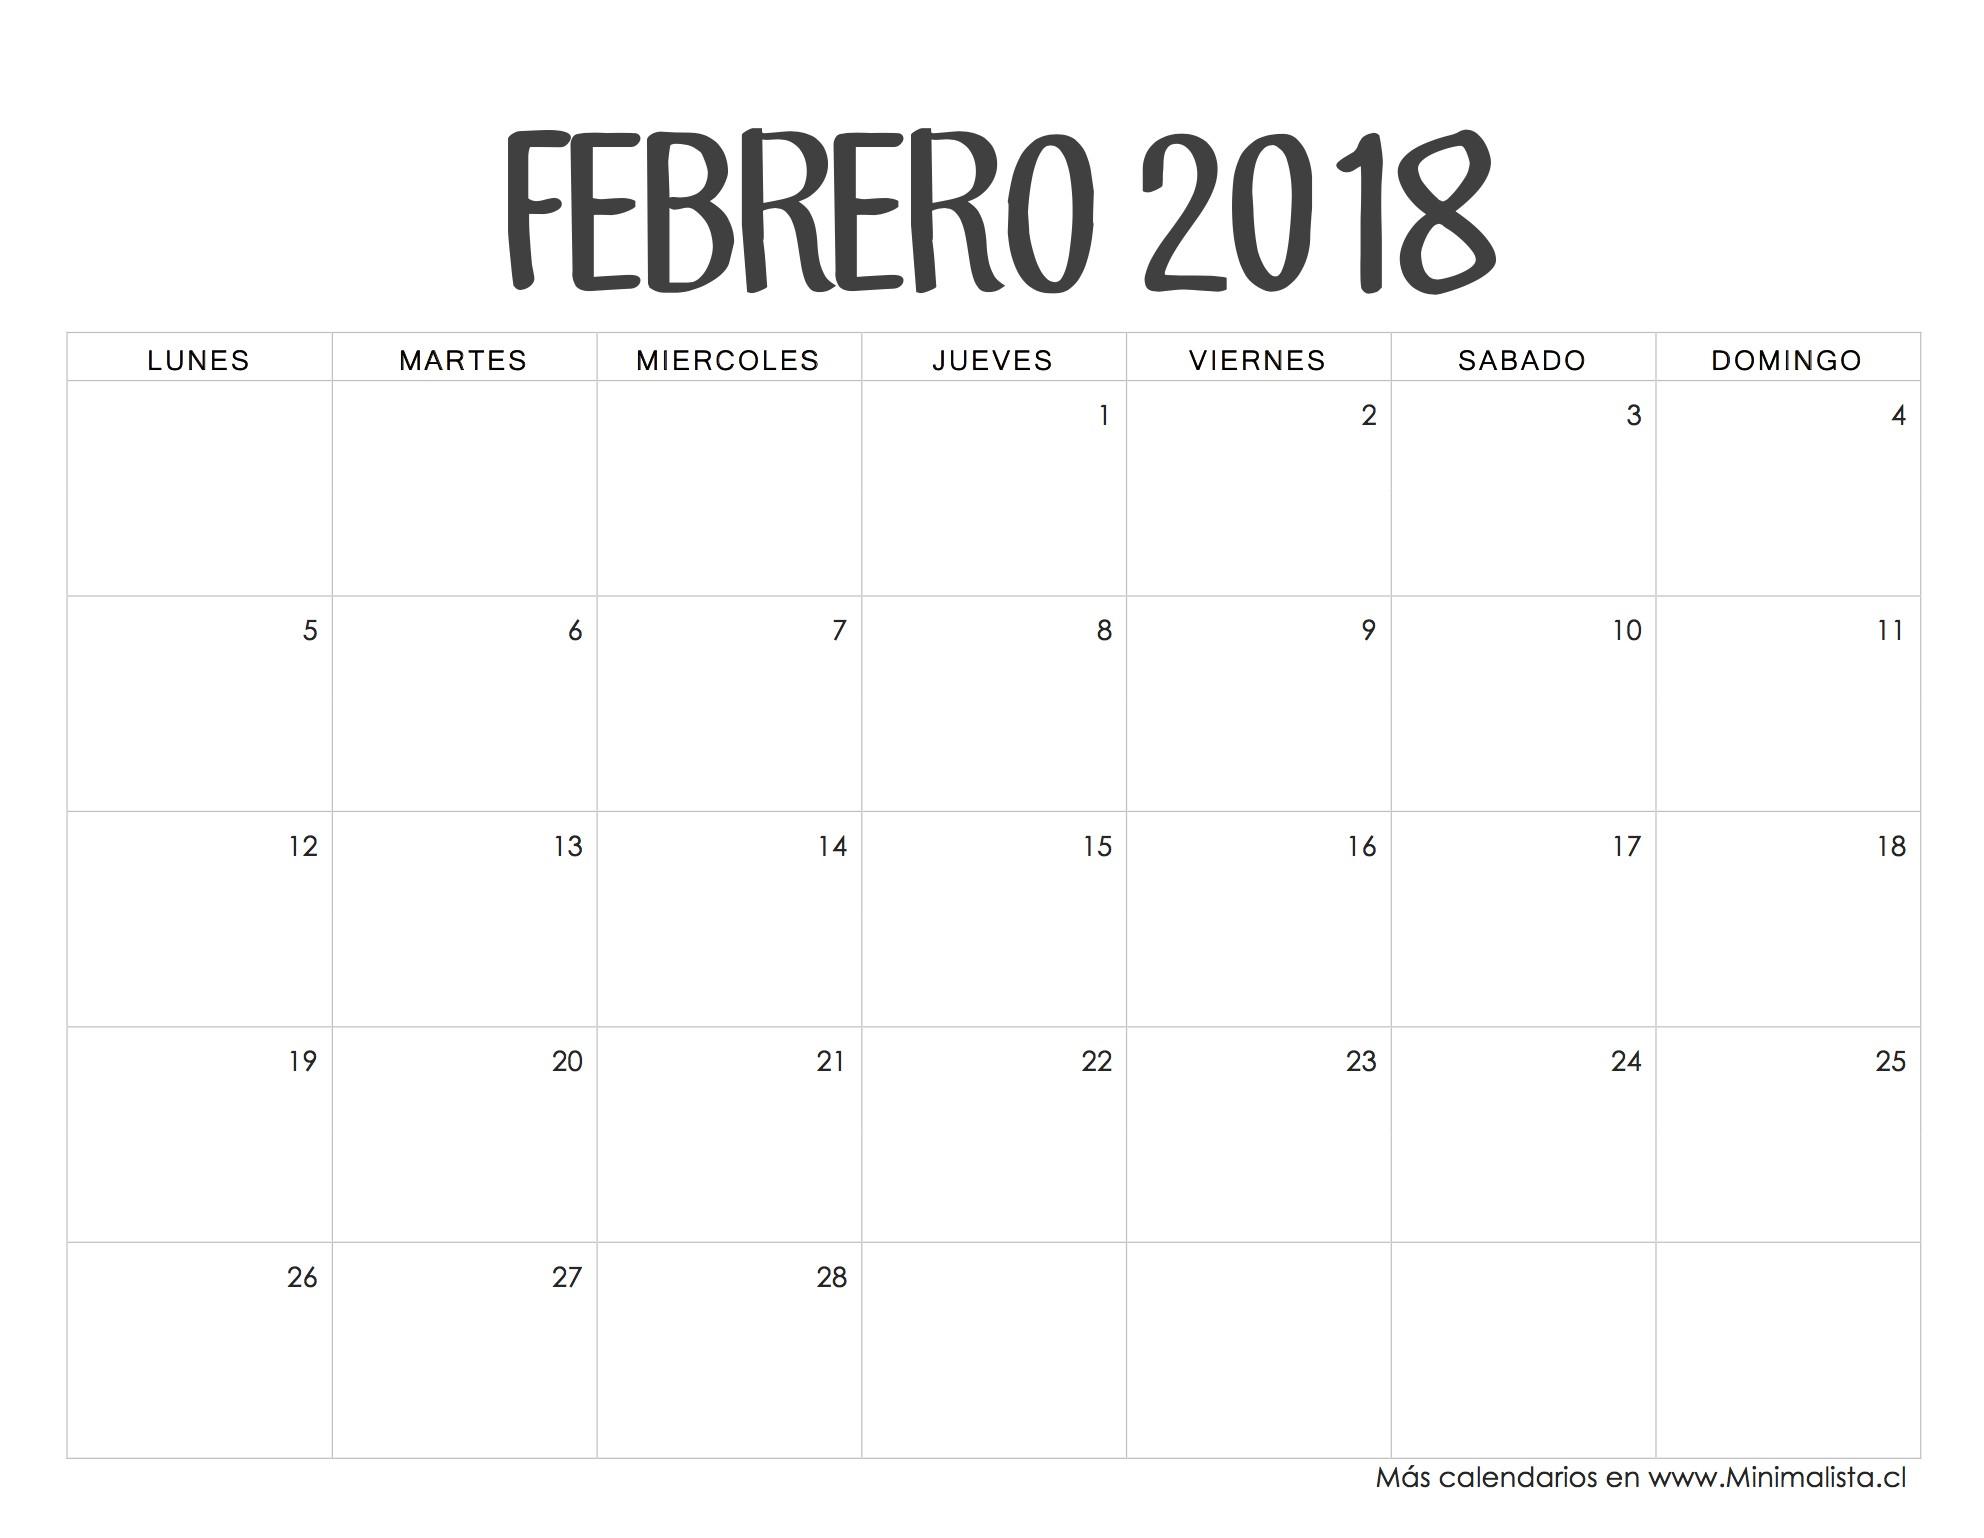 Calendario Febrero 2019 Editable Más Recientes Resultado De Imagen De Calendario Mensual 2018 Para Imprimir Gratis Of Calendario Febrero 2019 Editable Más Recientes Sin Embargo Este Es Imprimir Calendario No Word